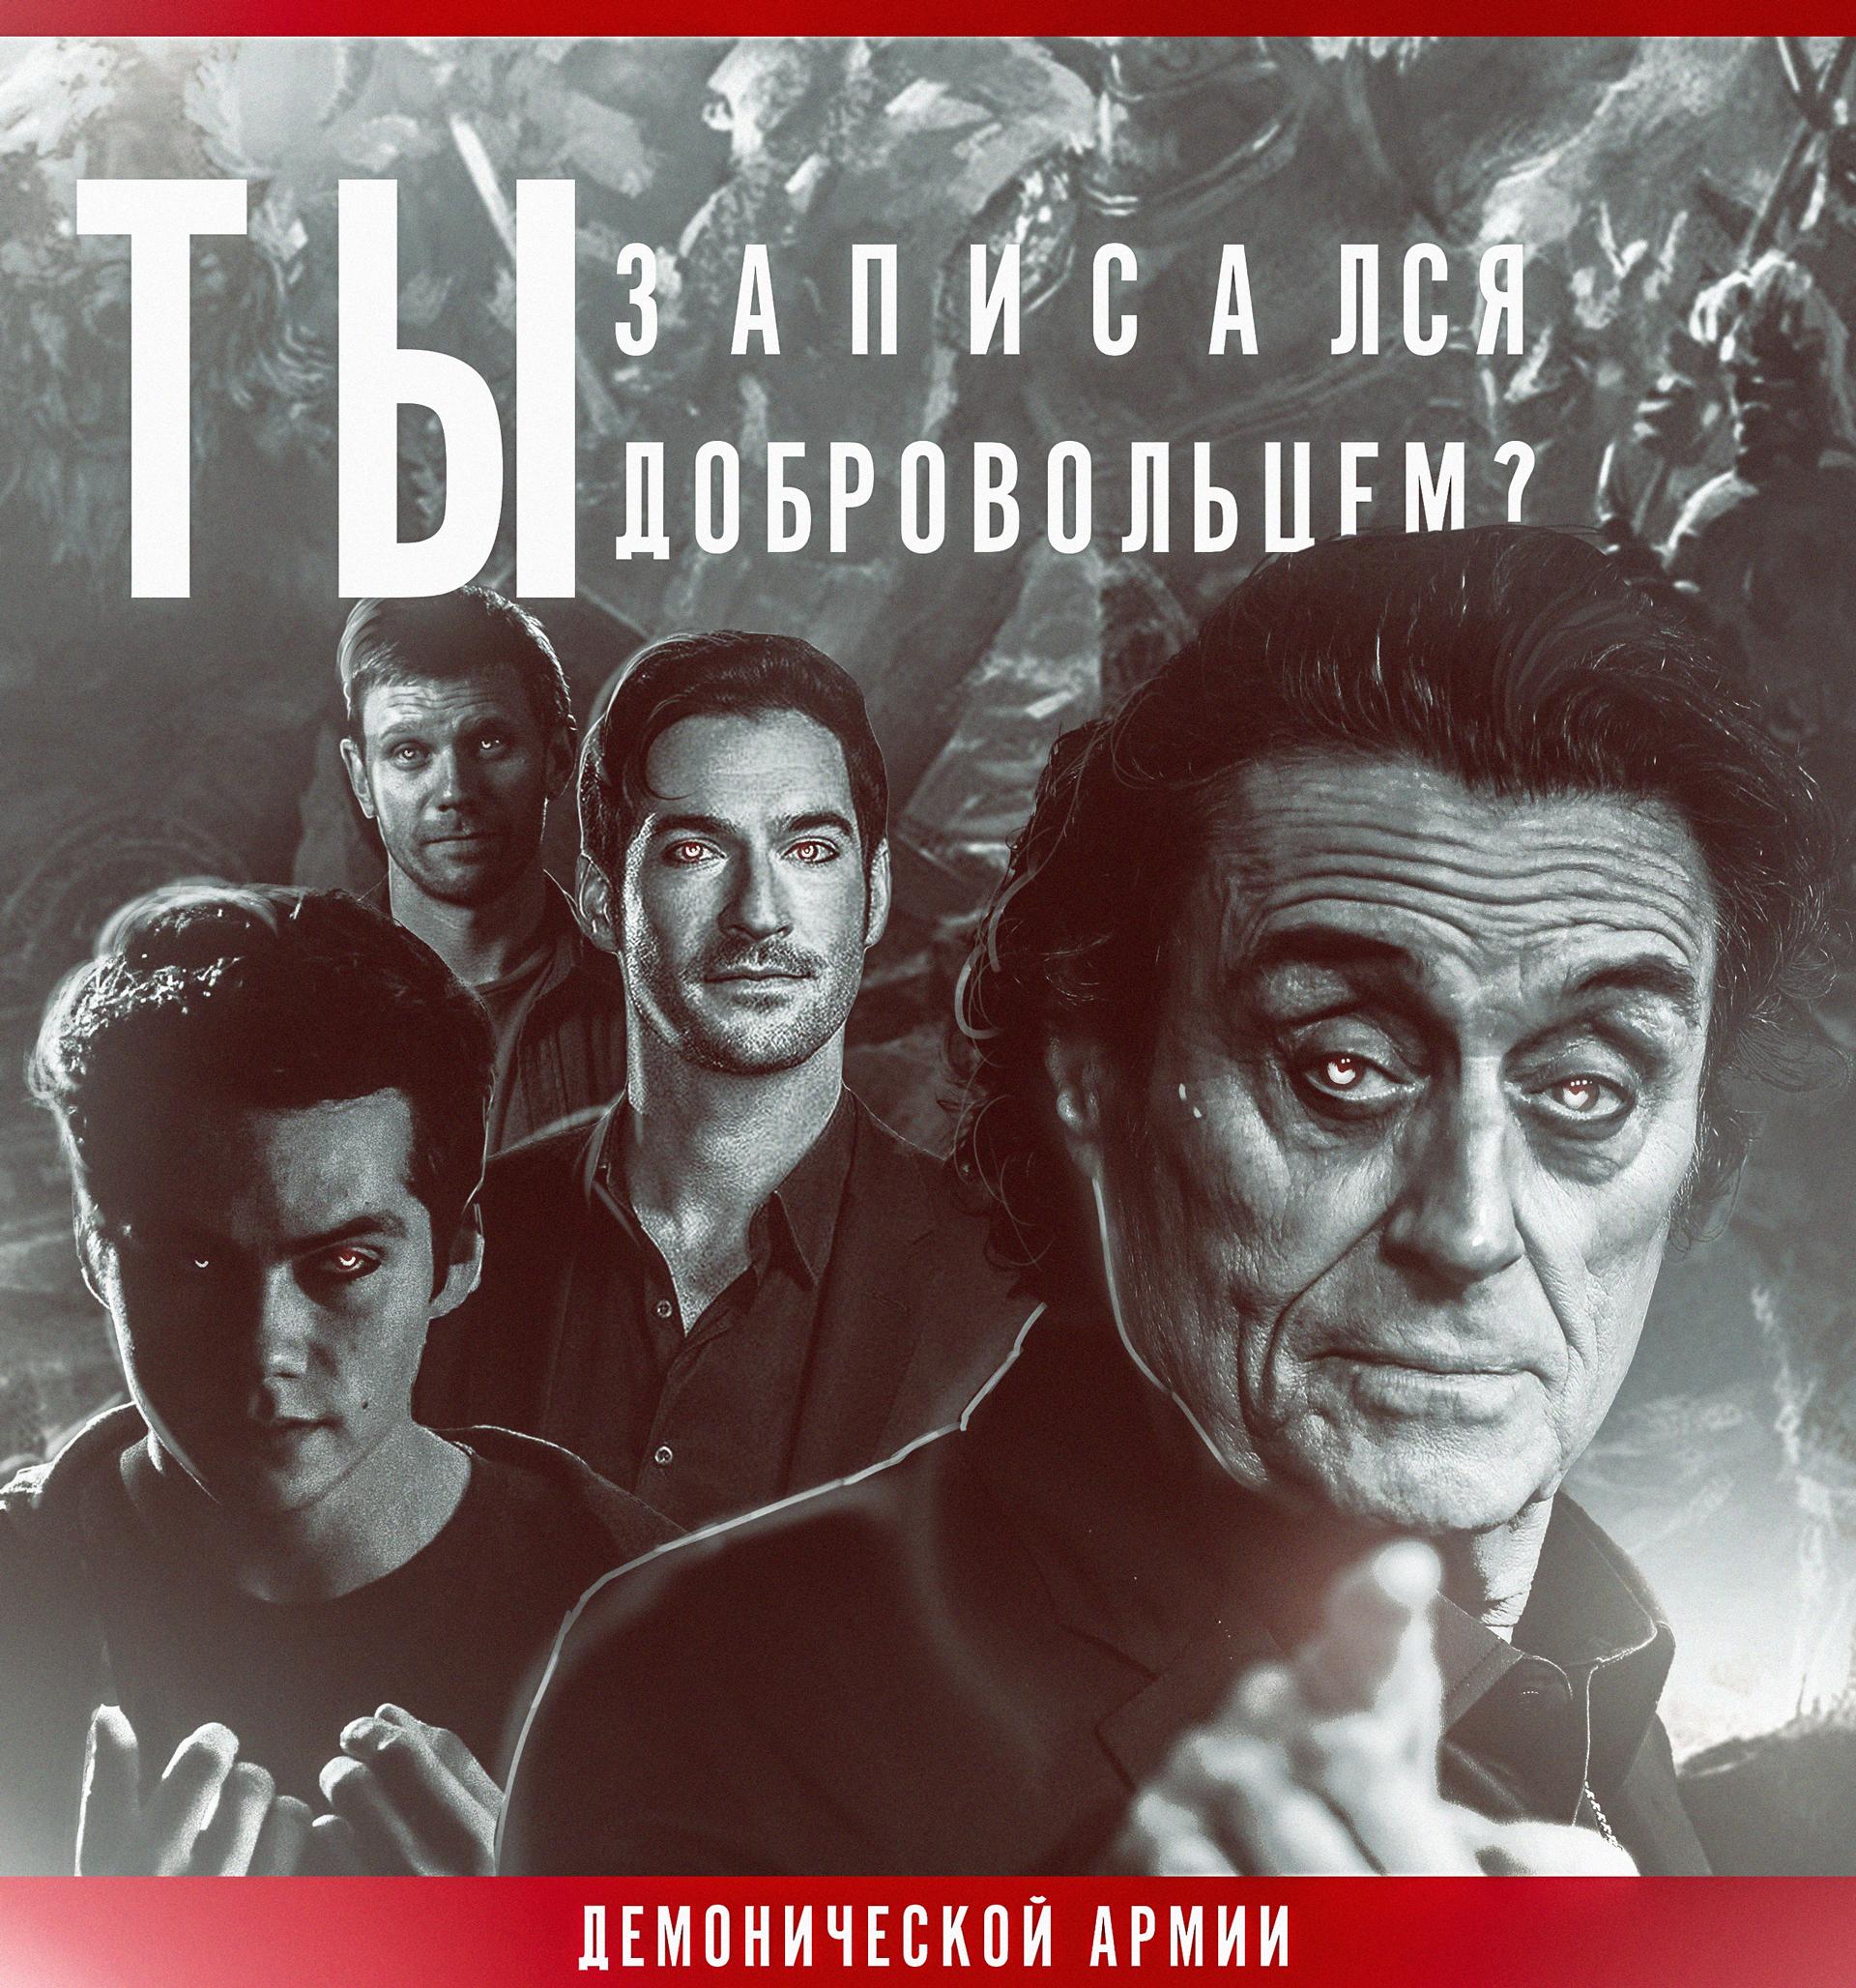 http://images.vfl.ru/ii/1617093757/b5c4f158/33875830.png